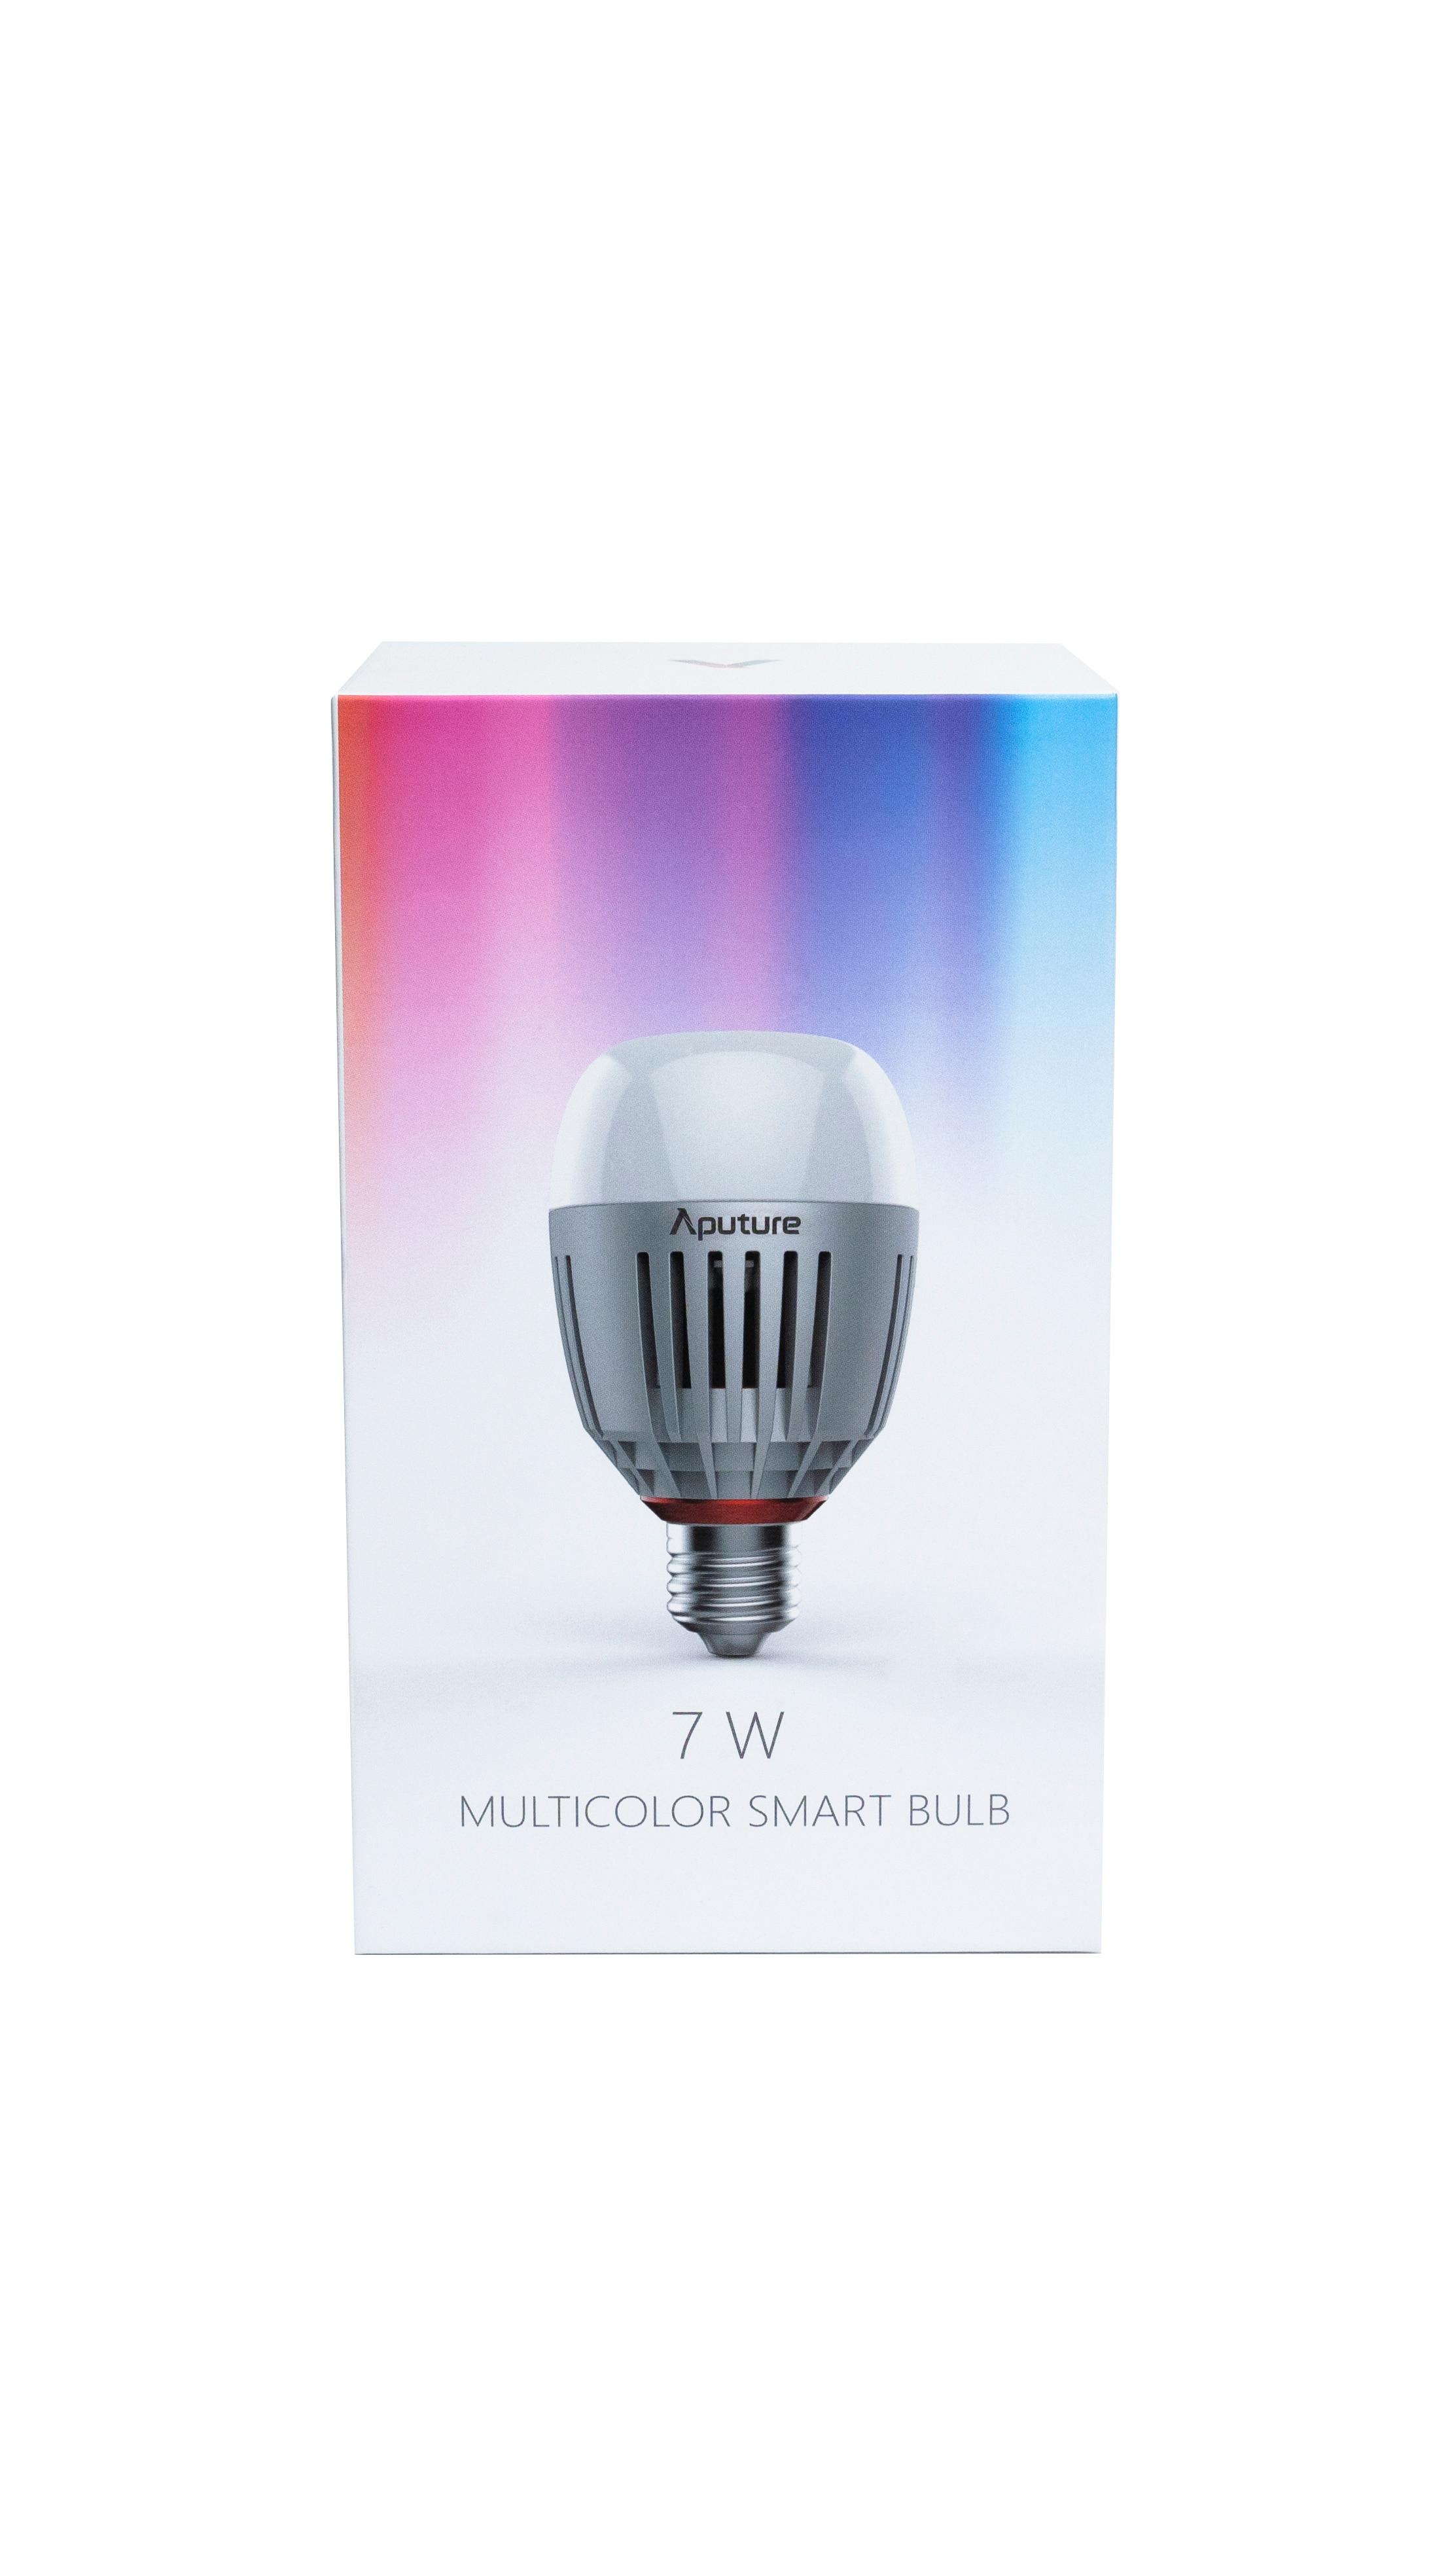 Aputure Accent B7c 7W RGBWW couleur mélange lumière LED ampoule CRI 95 + TLCI 96 + Sidus Link APP contrôle batterie Mode cc